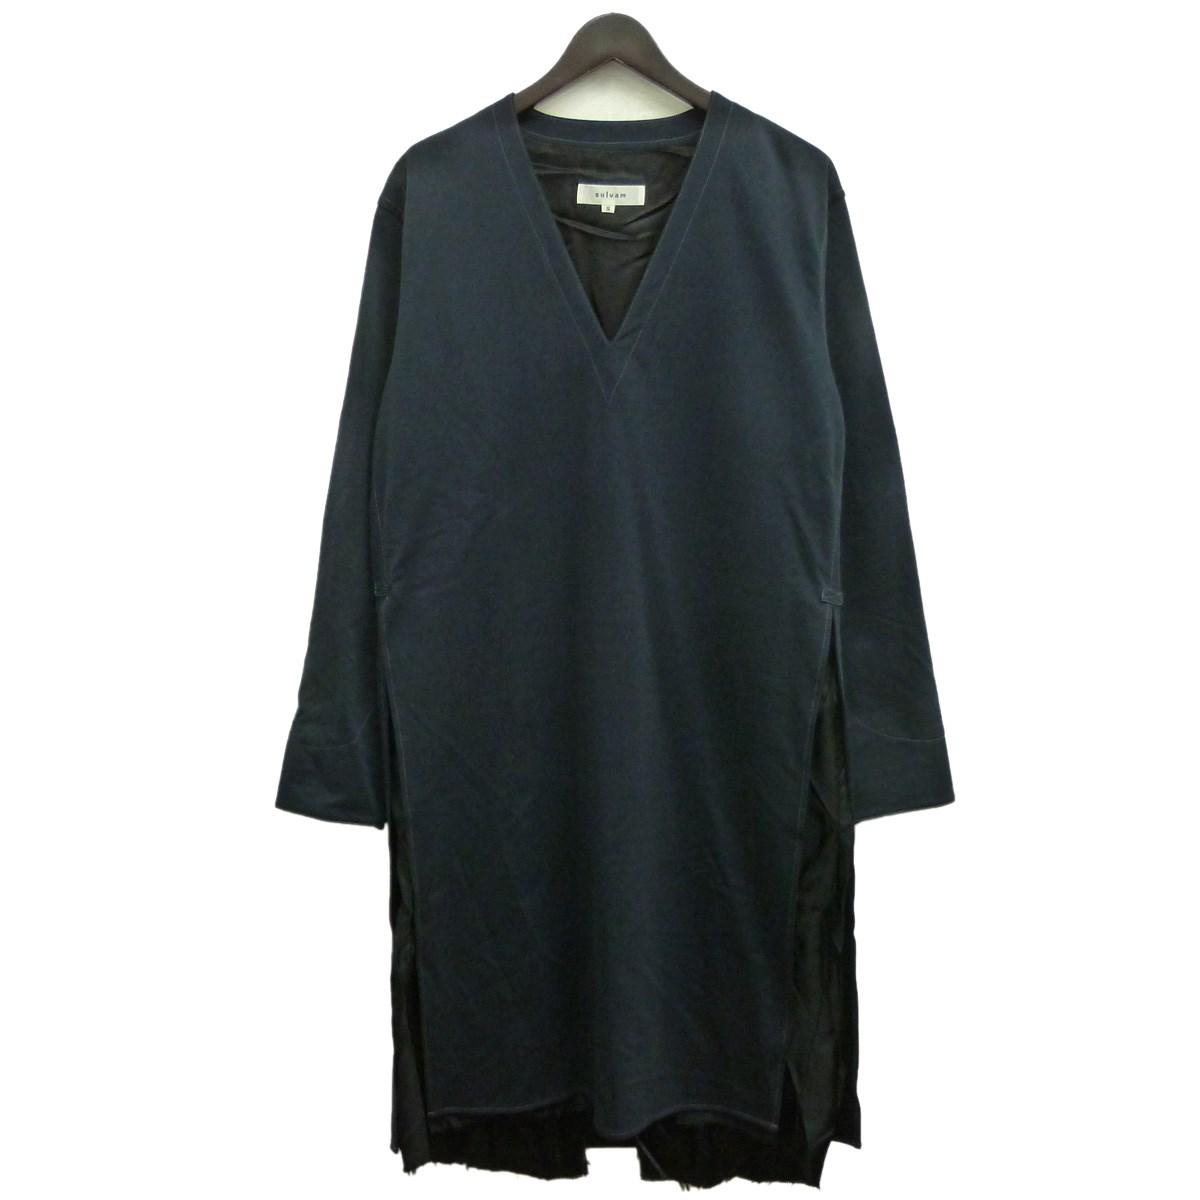 【中古】SULVAM サイドスリットVネックオーバーサイズコート ブラック サイズ:S 【261119】(サルバム)